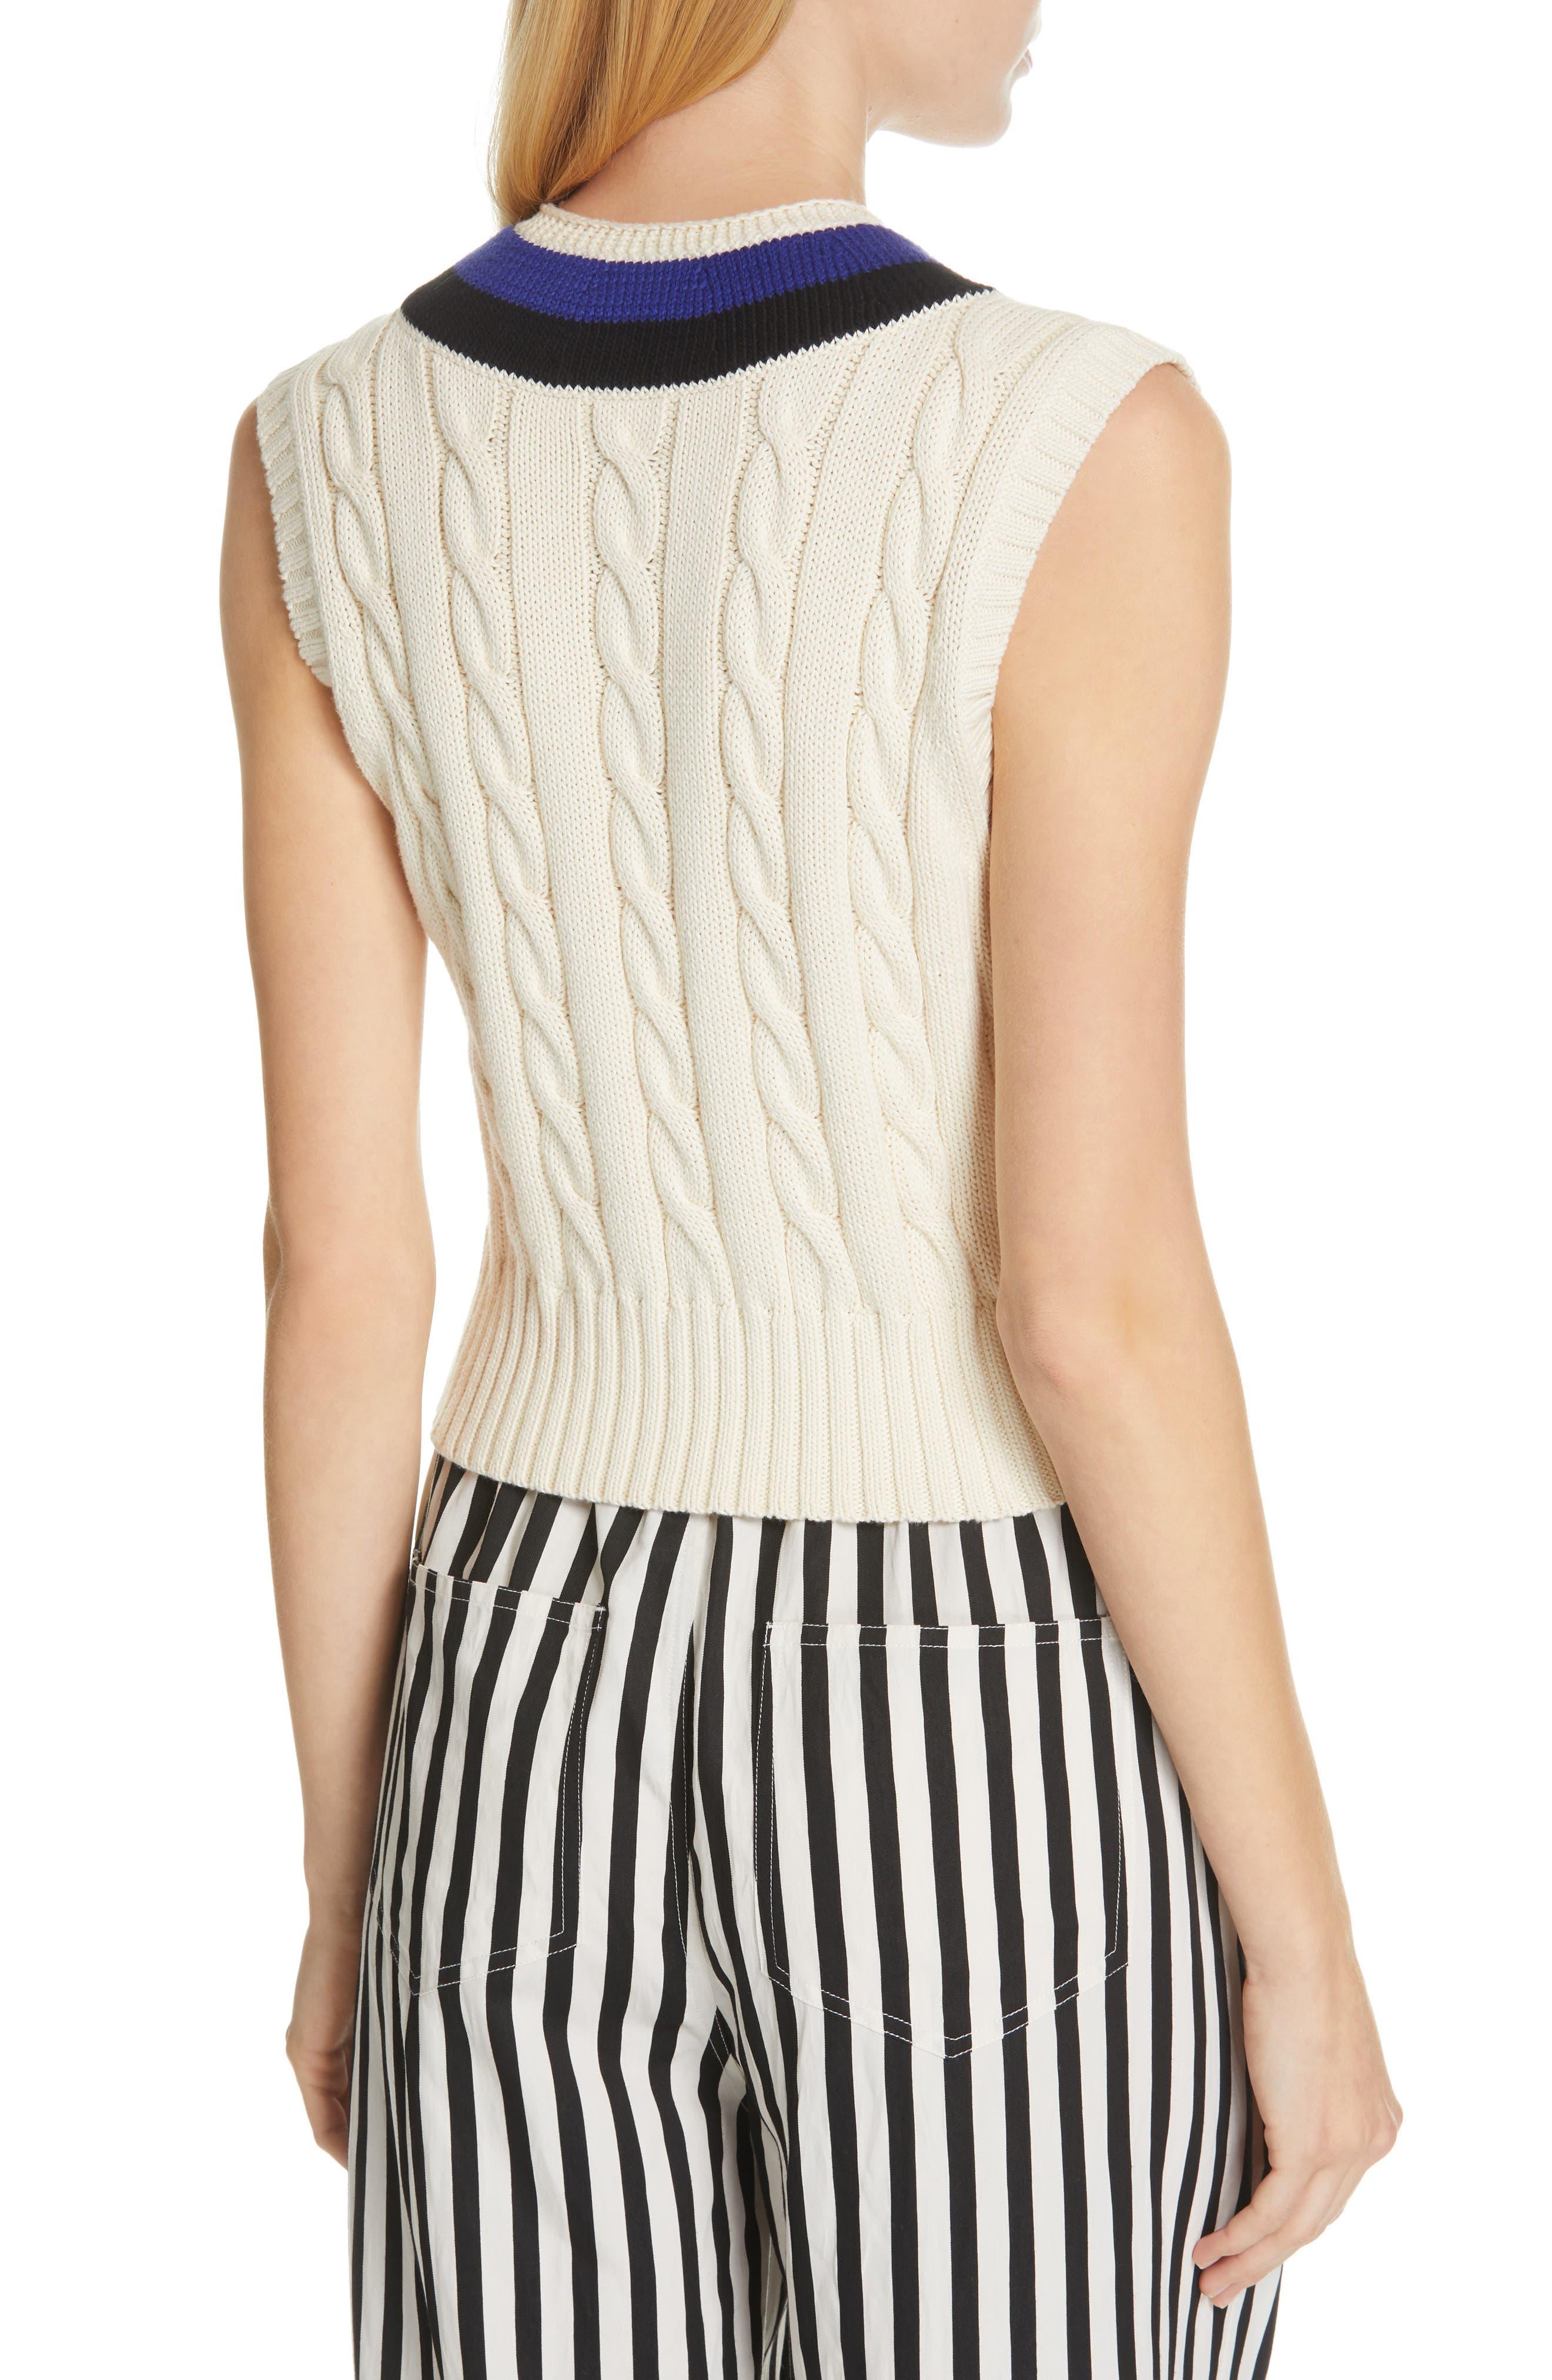 POLO RALPH LAUREN, Cable Sweater Vest, Alternate thumbnail 2, color, CREAM/ BLACK/ ROYAL